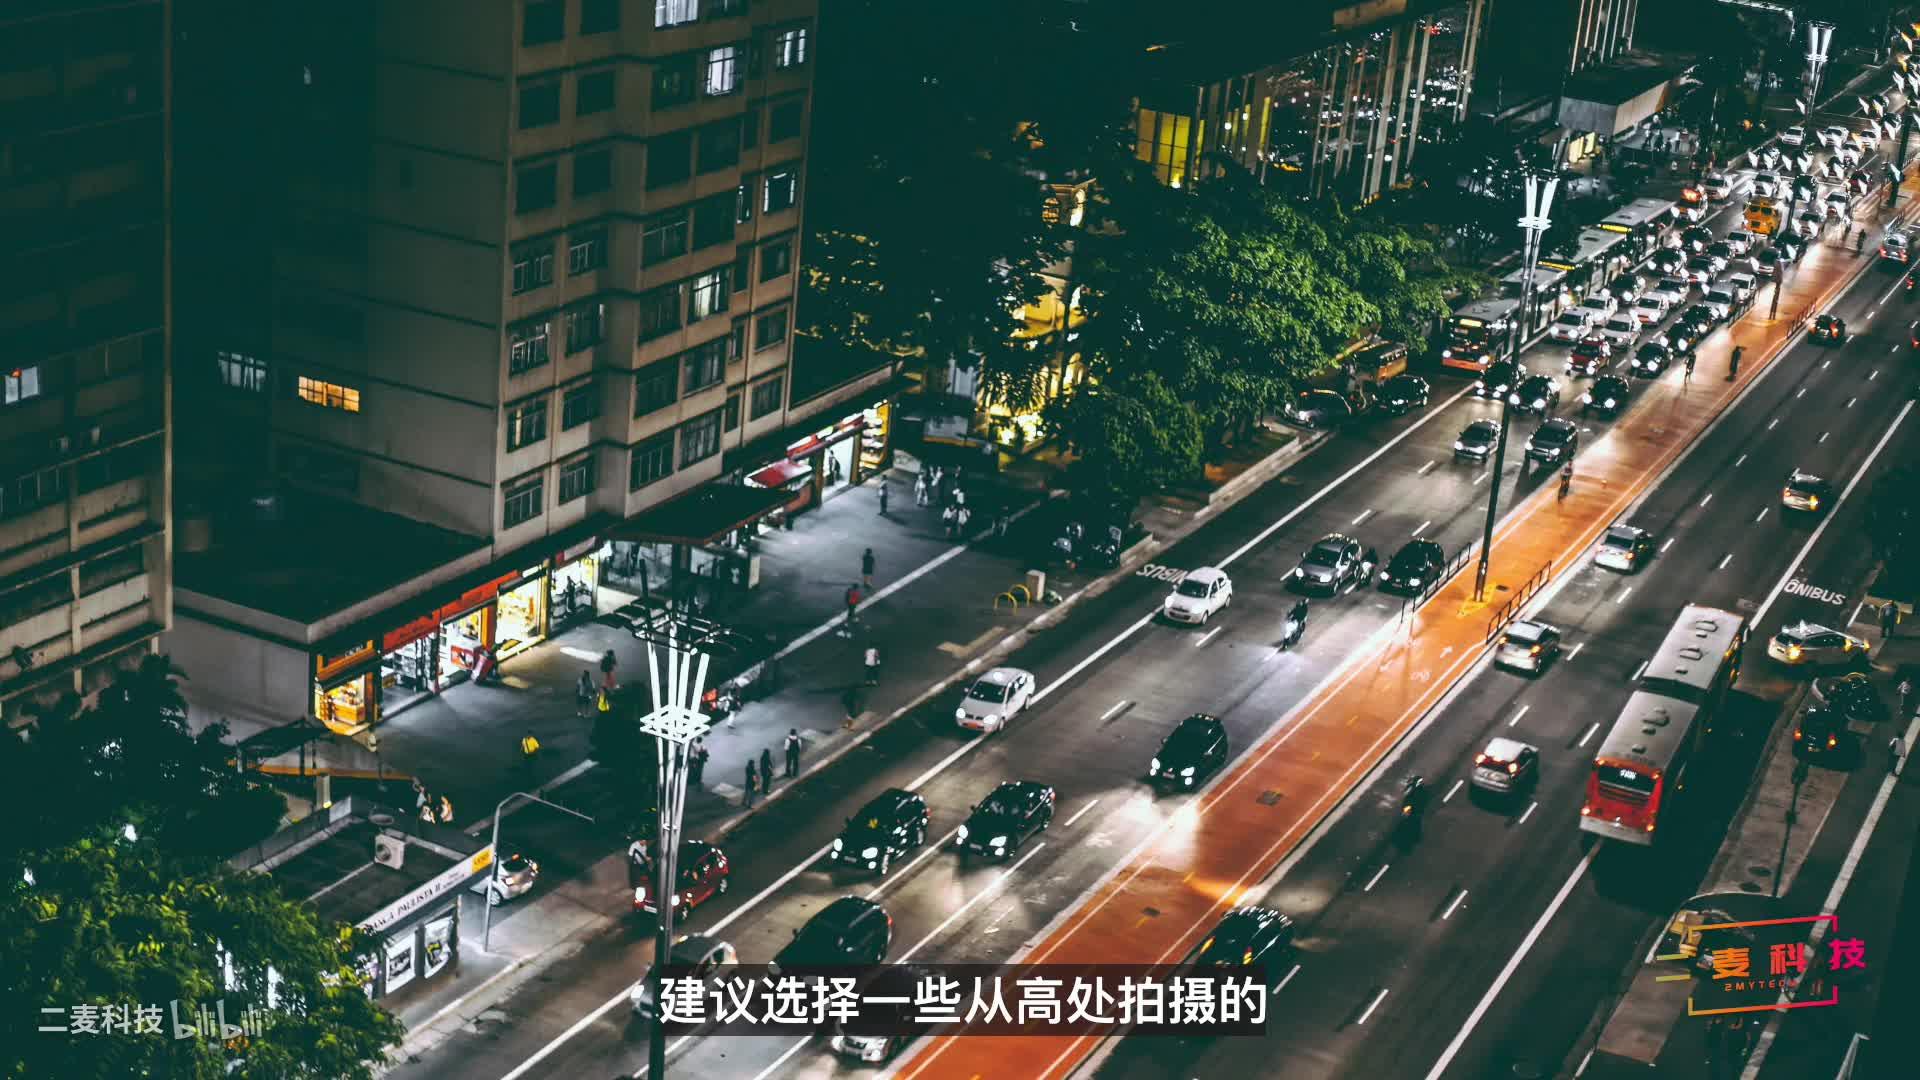 手机摄影|中秋节国庆节风景照不再单调!用手机轻松制作移轴摄影效果